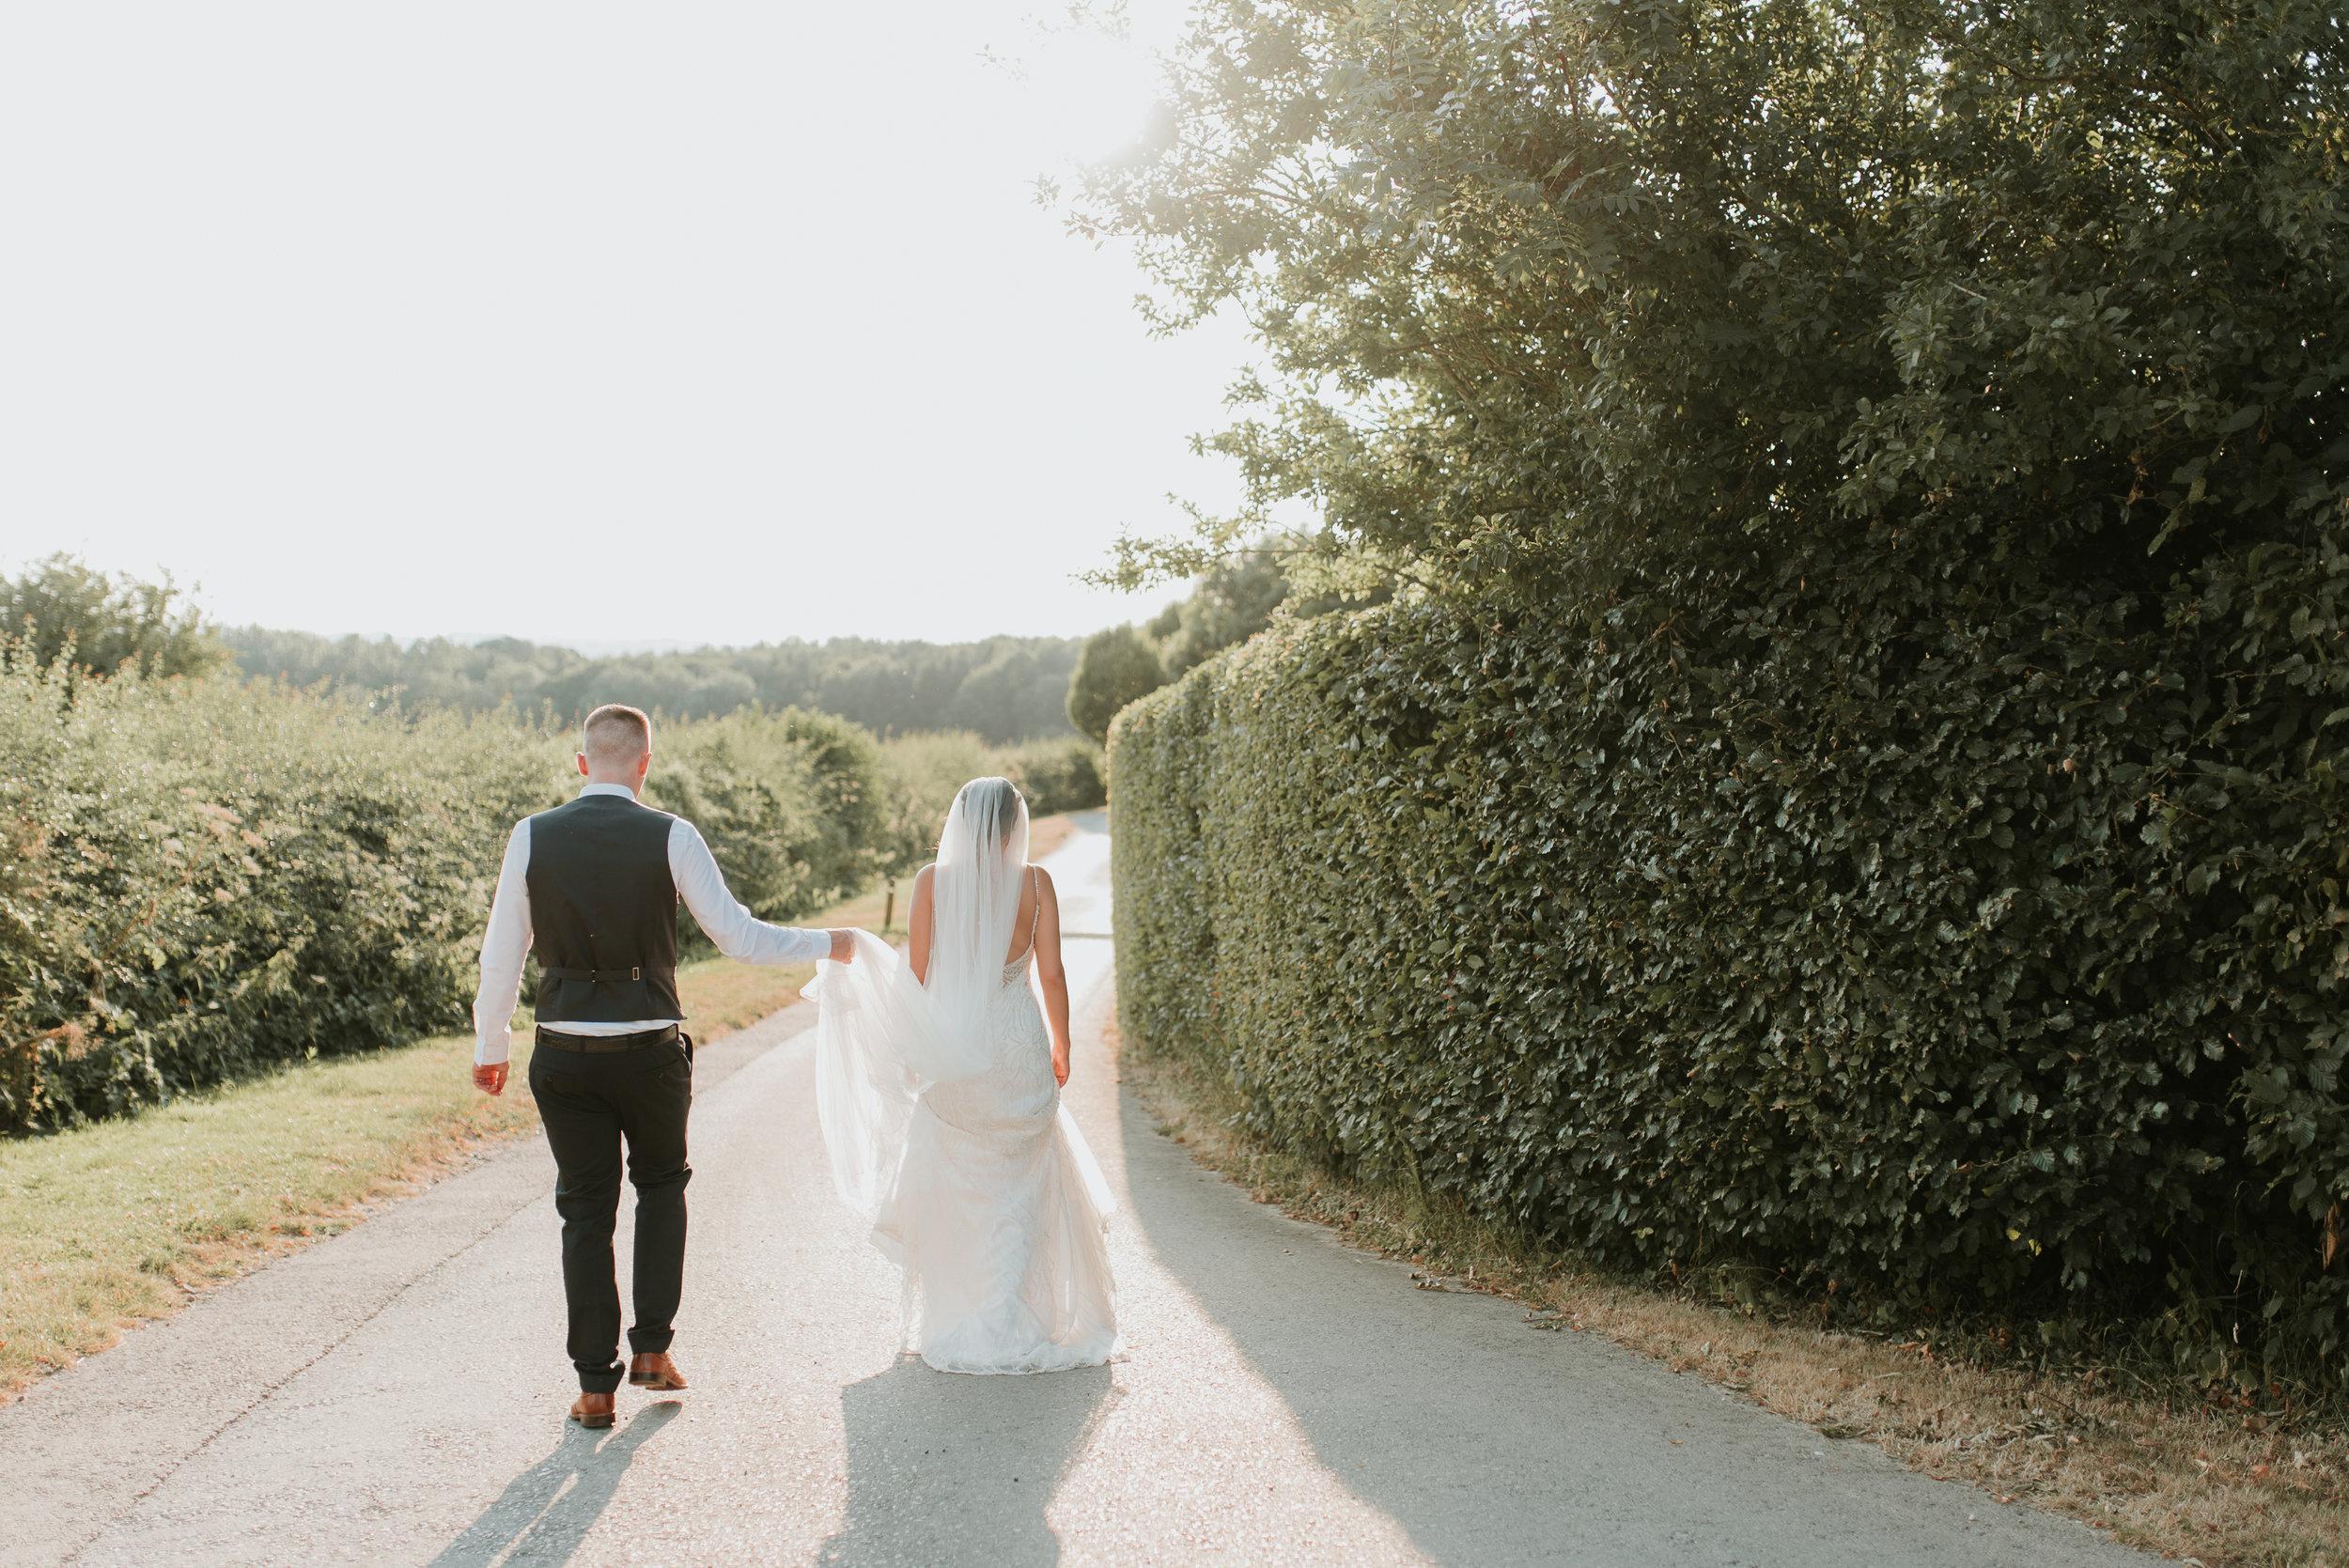 wedding photos Merriscourt